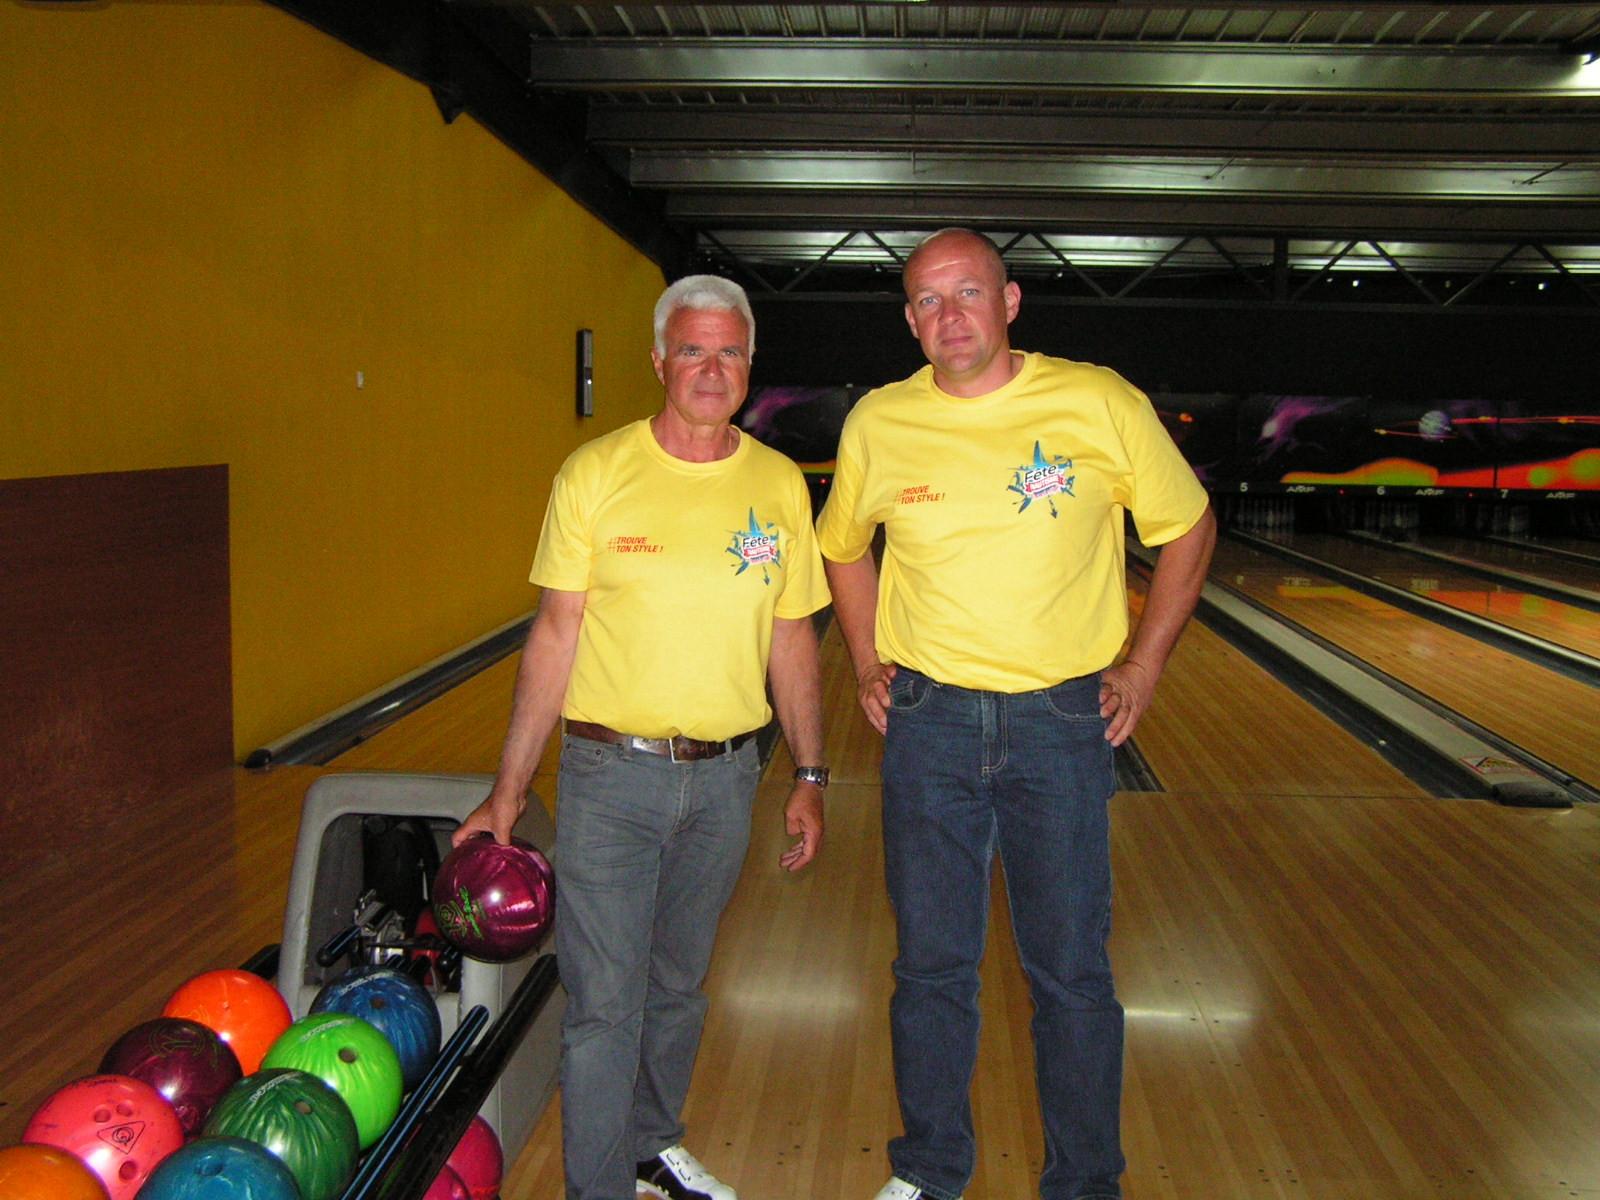 Fabrice et Christophe au bowling.